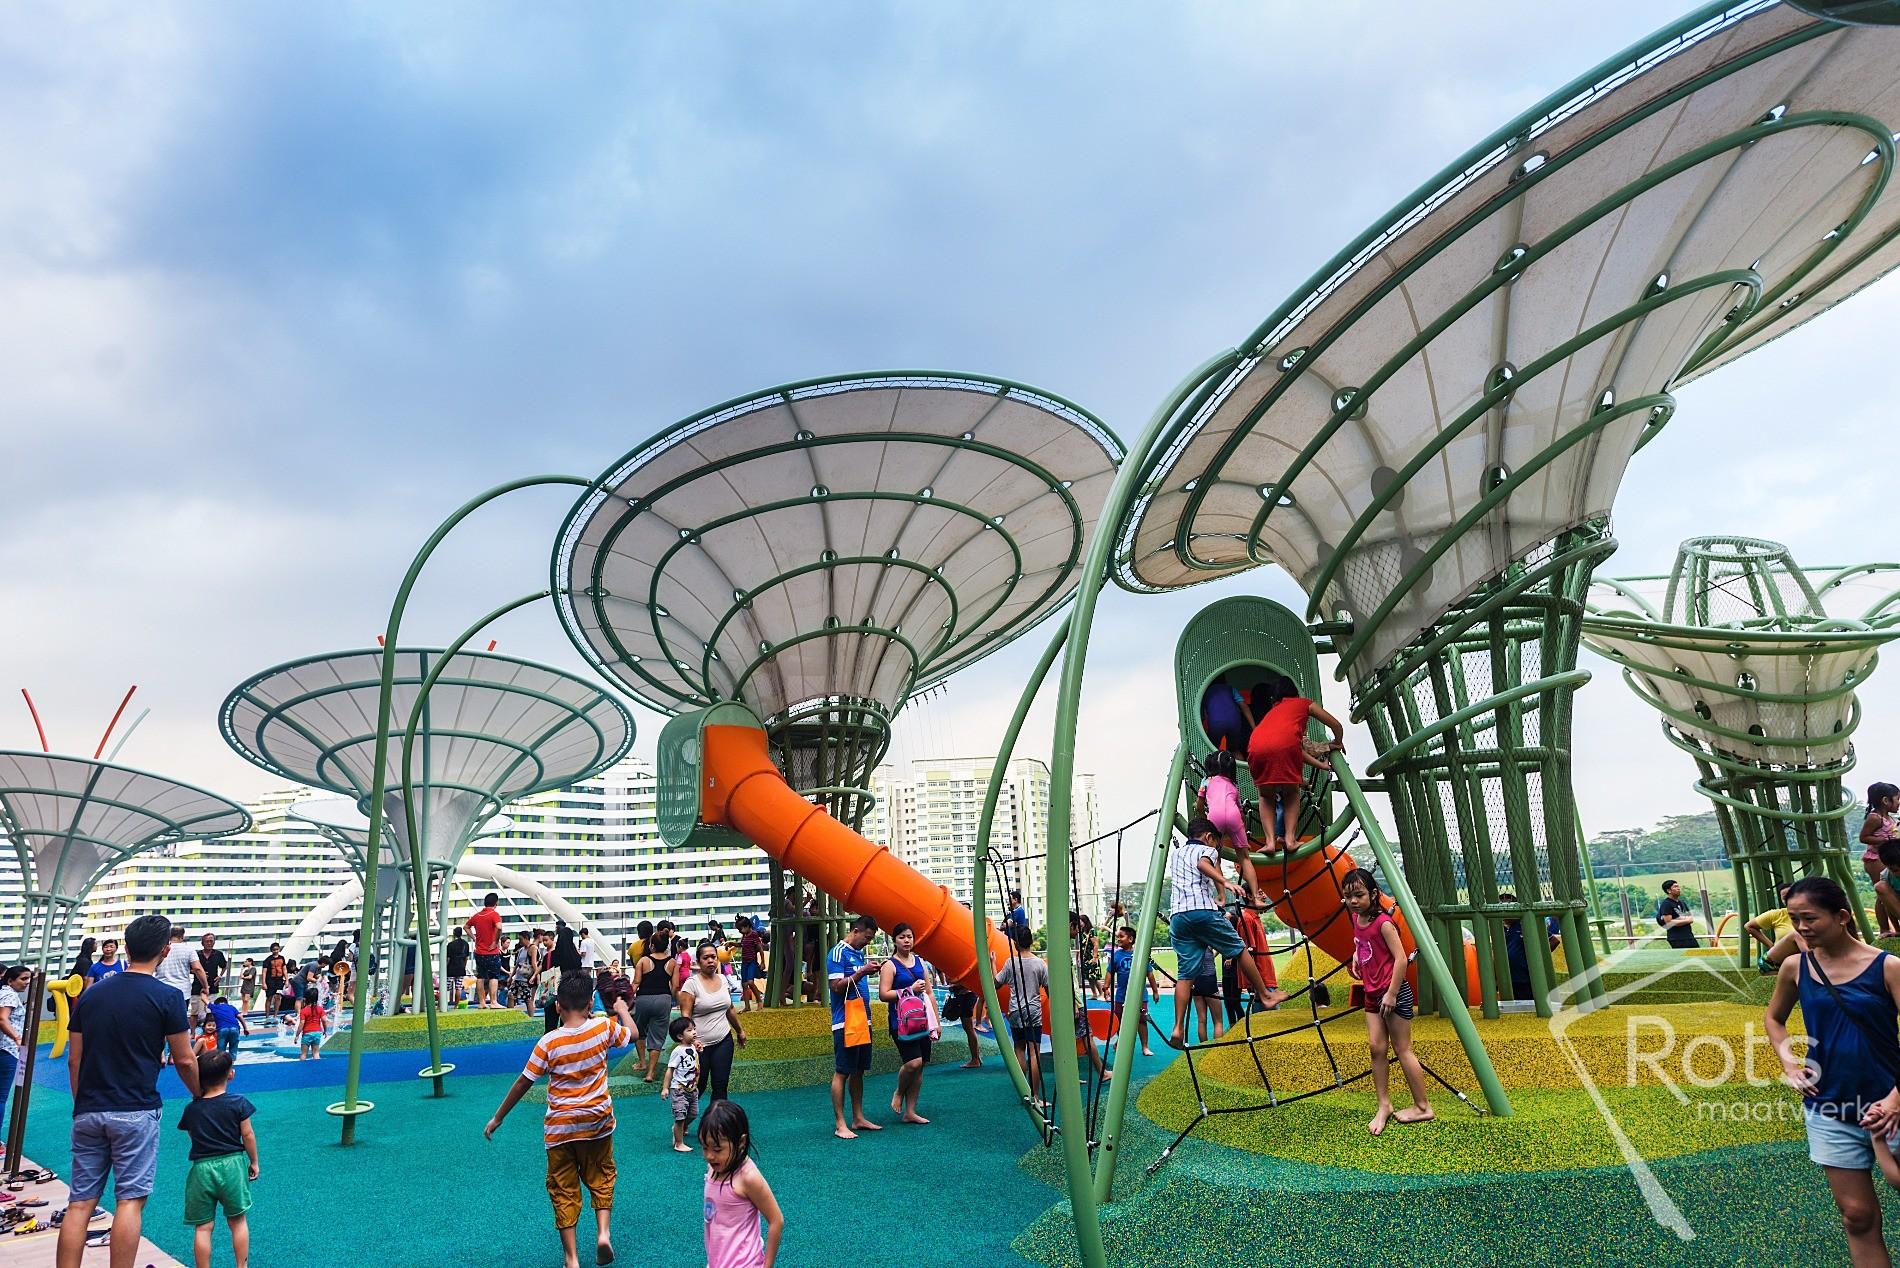 Singapore, schaduw, bomen, staal, RVS, poedercoating, membraan, membranen, gespannen, 3D, gewoven, transport, carve, maatwerk, fontein, fonteinen, zwembad, spelen, kinderen, zon, bescherming, splash,